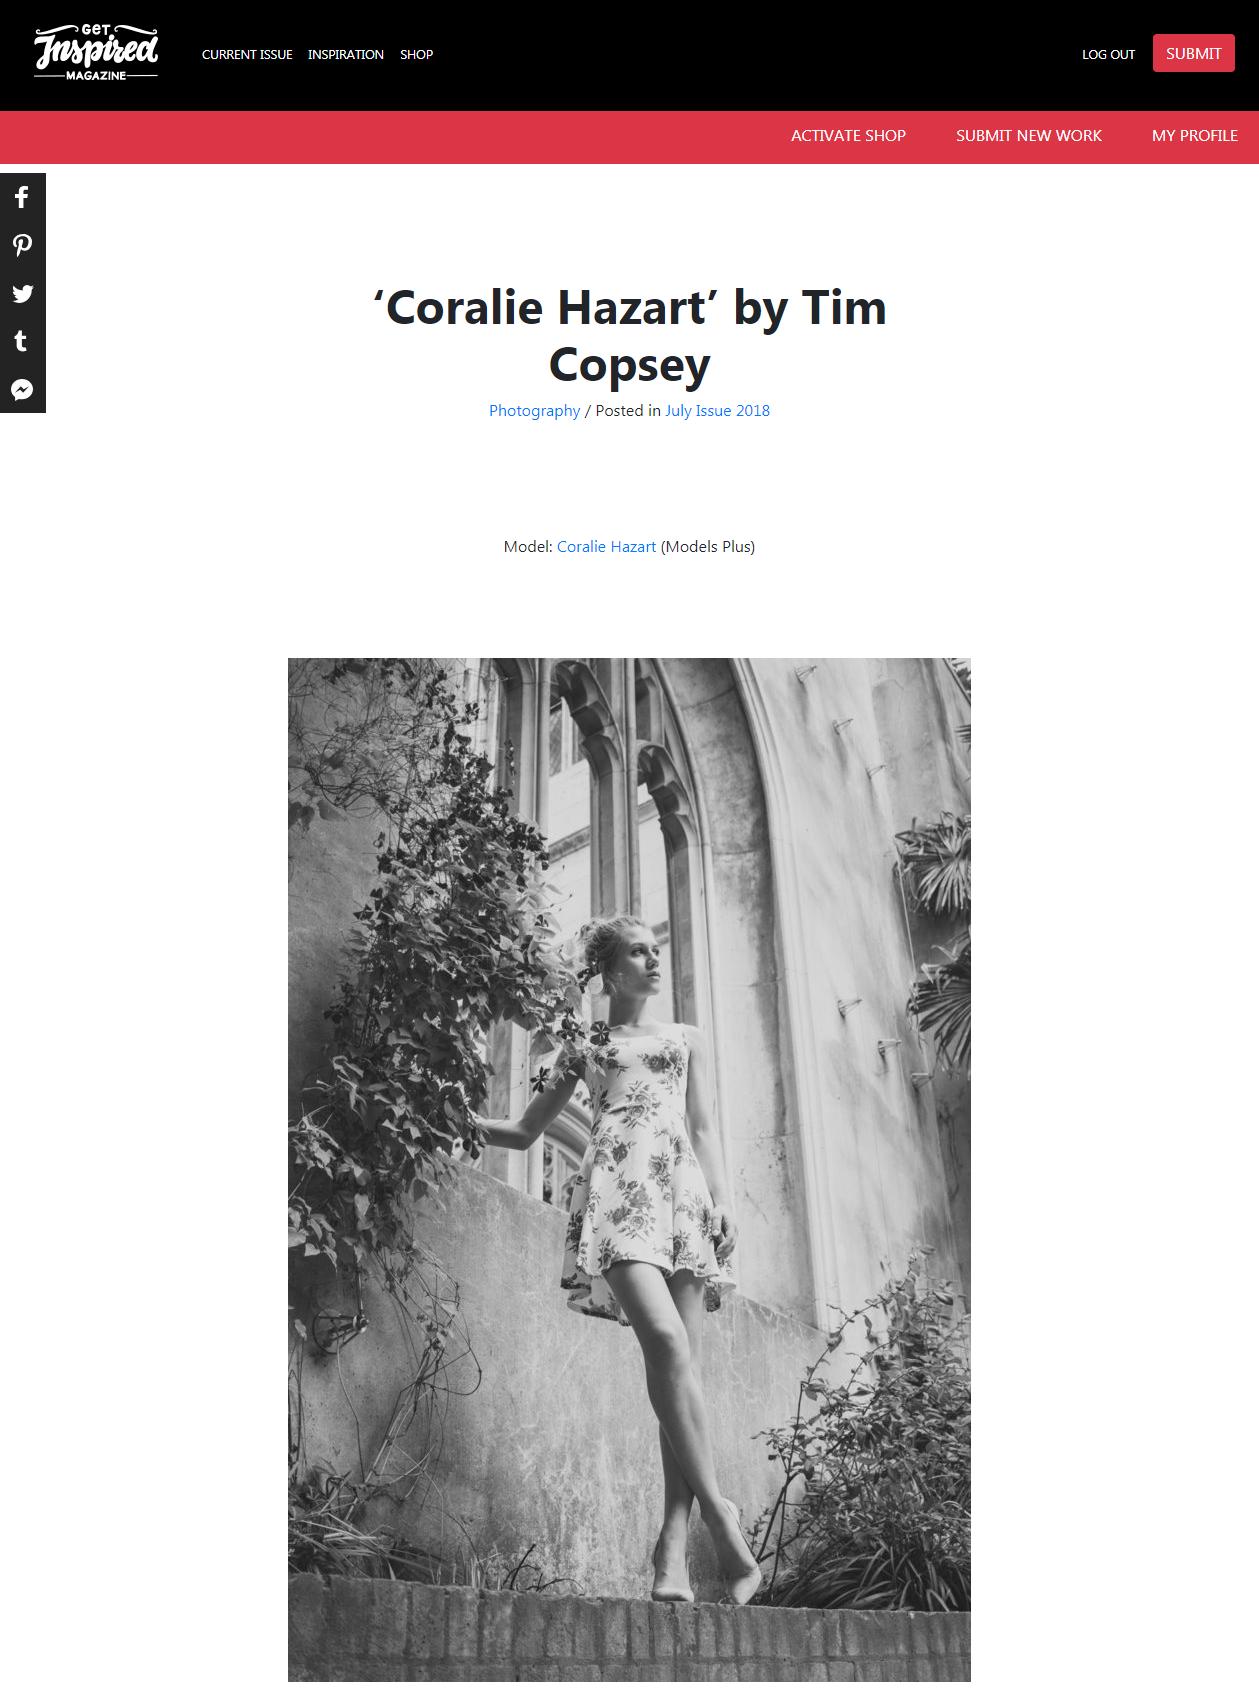 Coralie Hazart by Tim Copsey Get Inspired Magazine